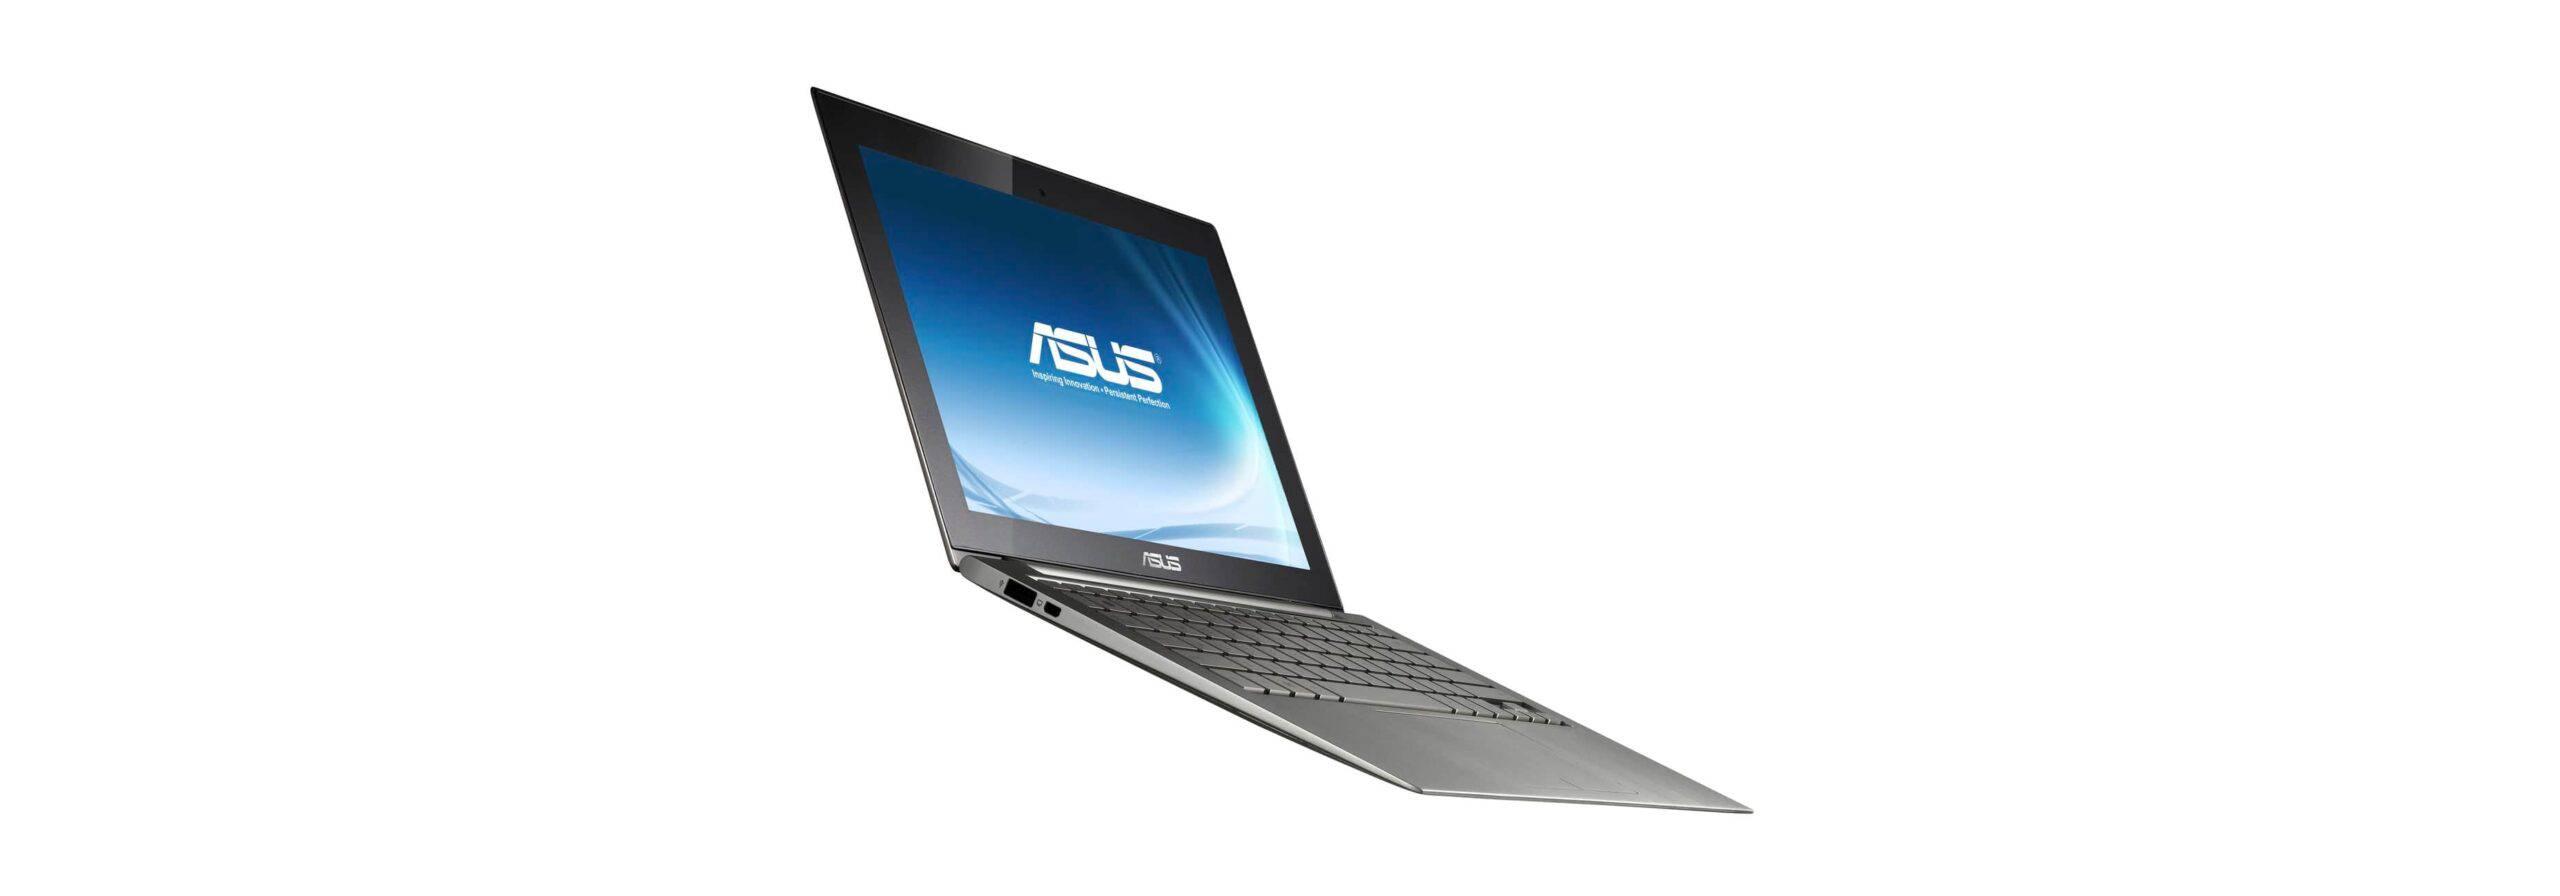 Intel's Ultrabook laptop